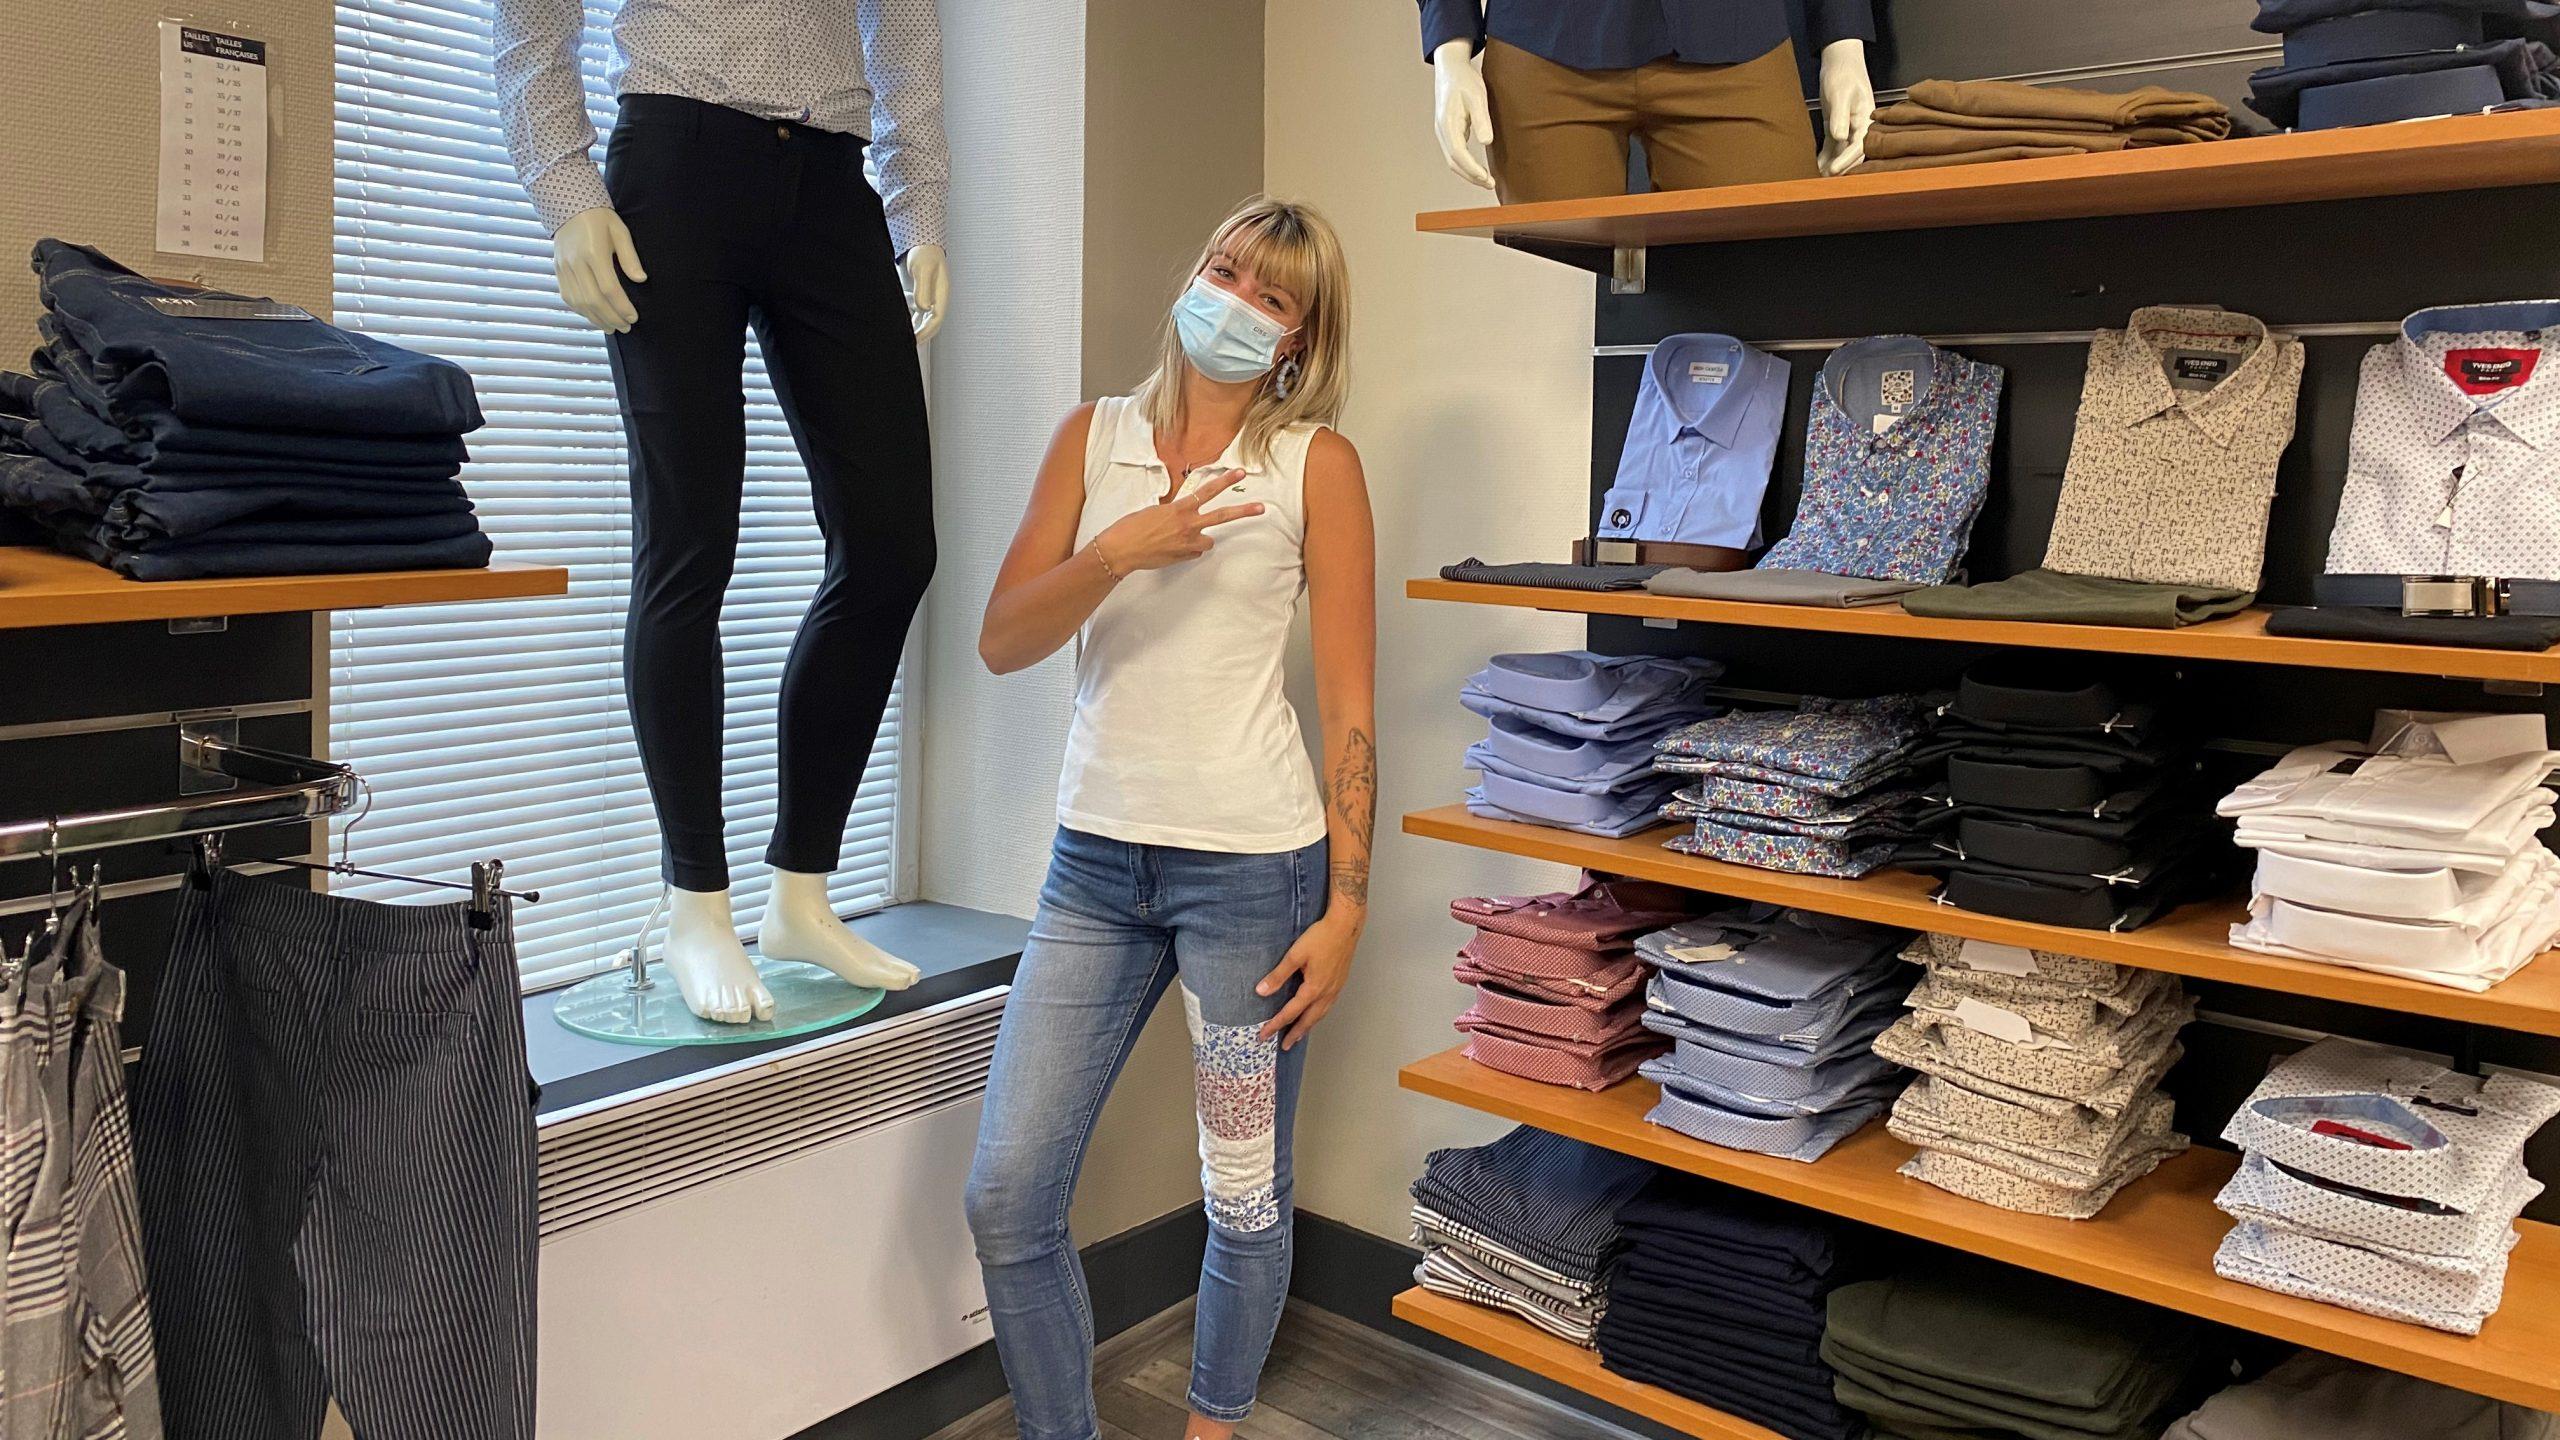 Saint-Pol : Pauline Selom se lance dans le prêt-à-porter masculin avec une boutique à son nom